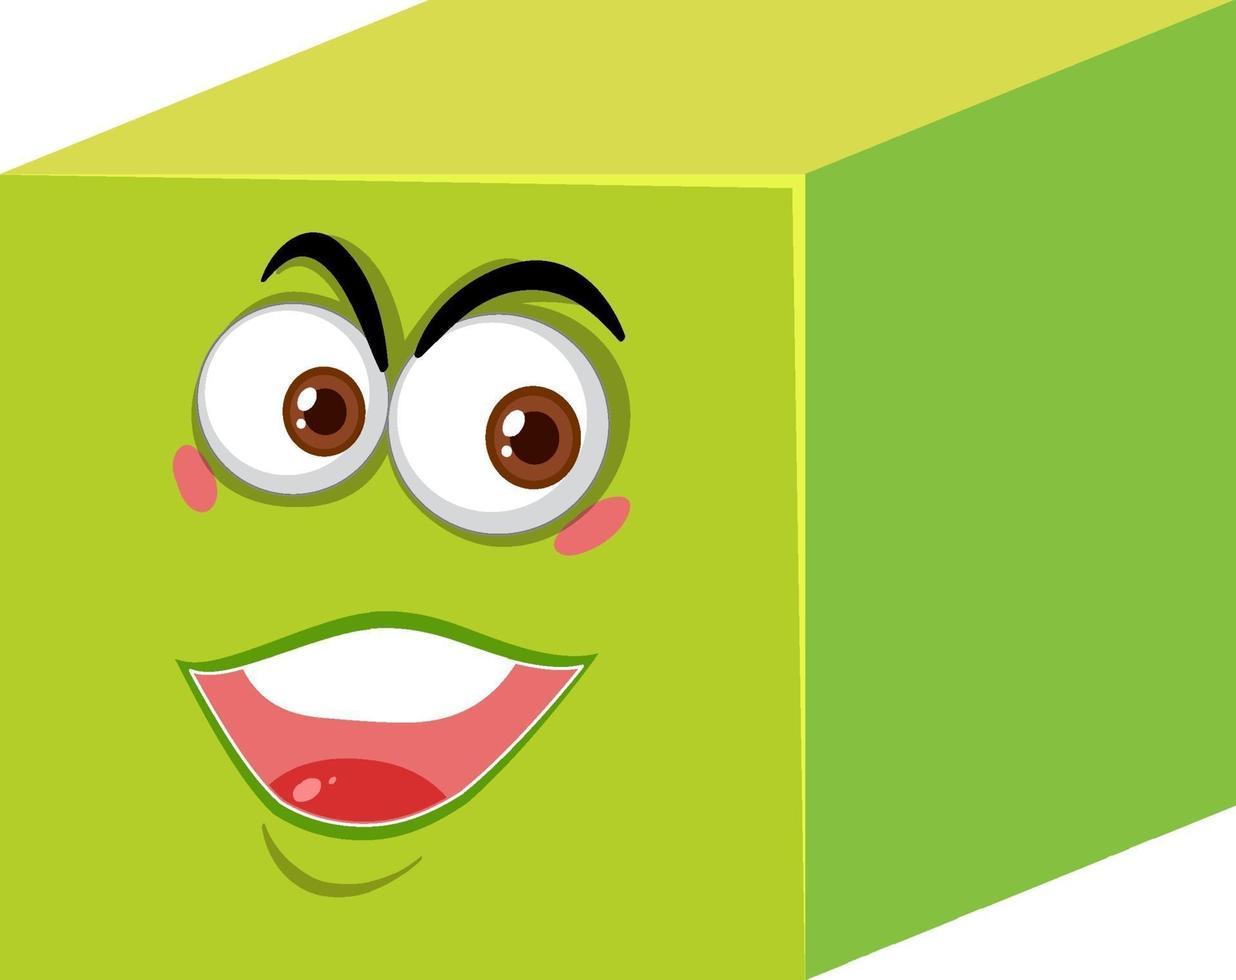 kub seriefigur med ansiktsuttryck på vit bakgrund vektor